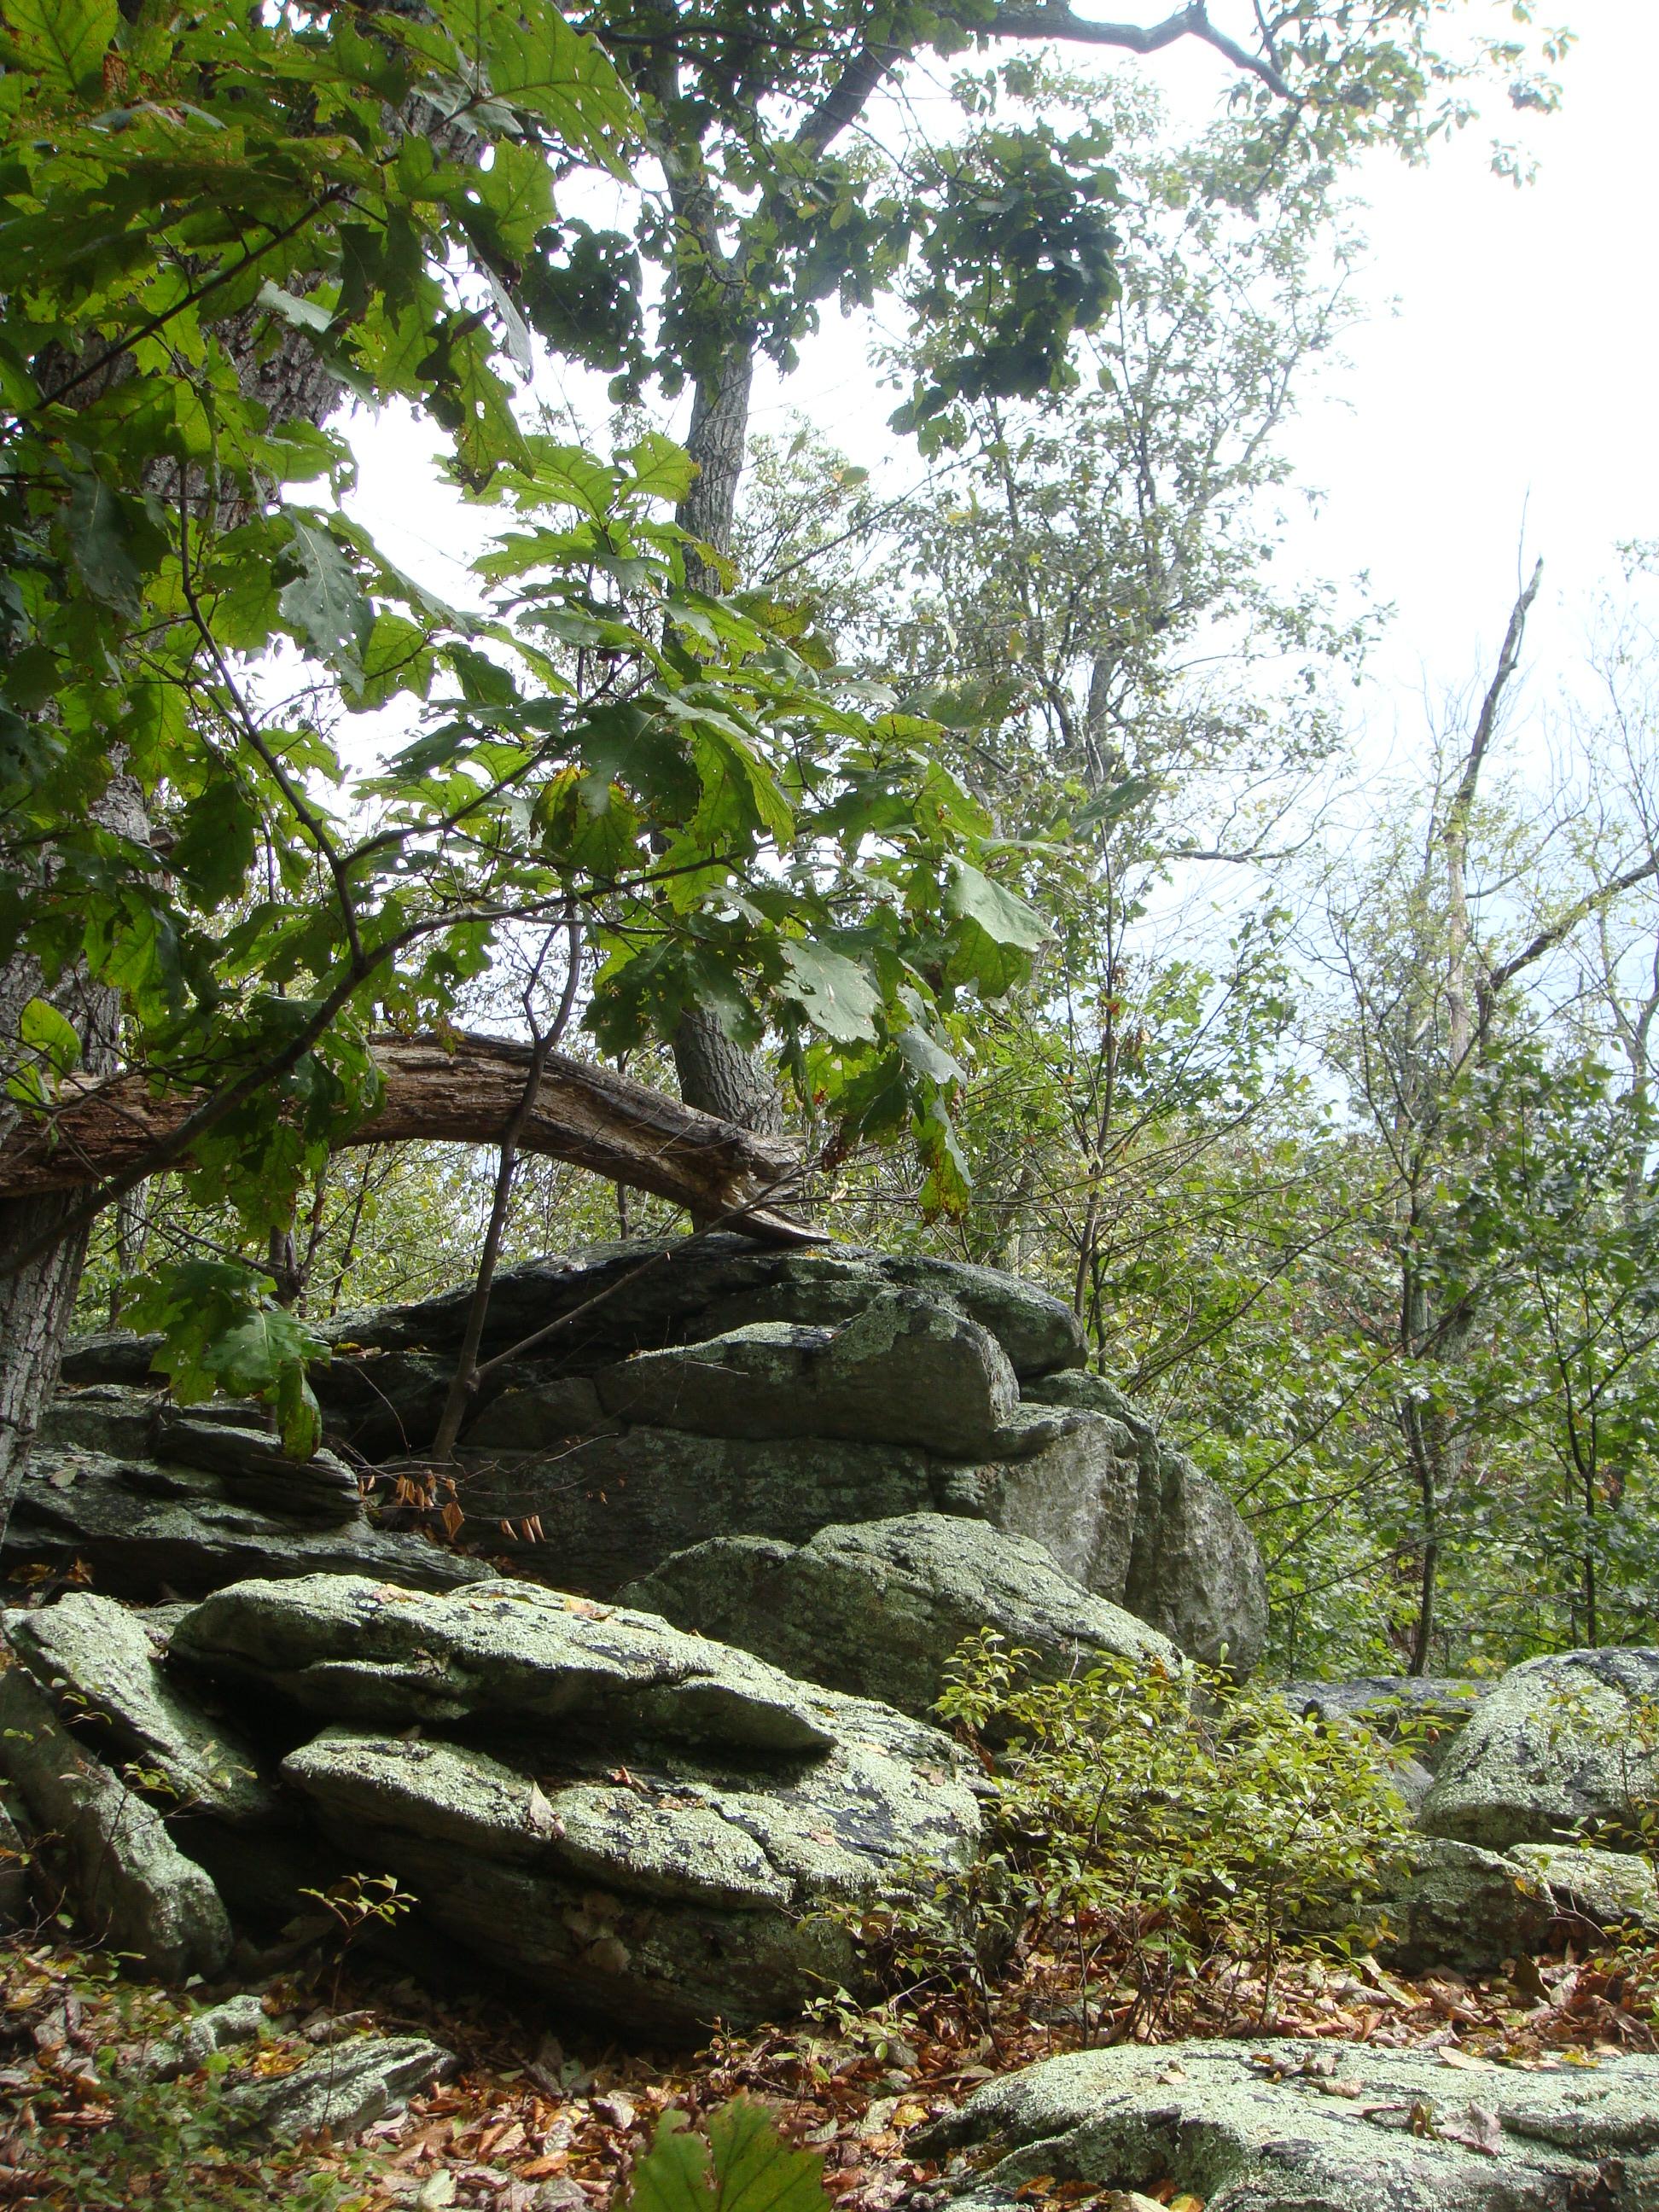 Appalachian-Trail - Daniel Meister